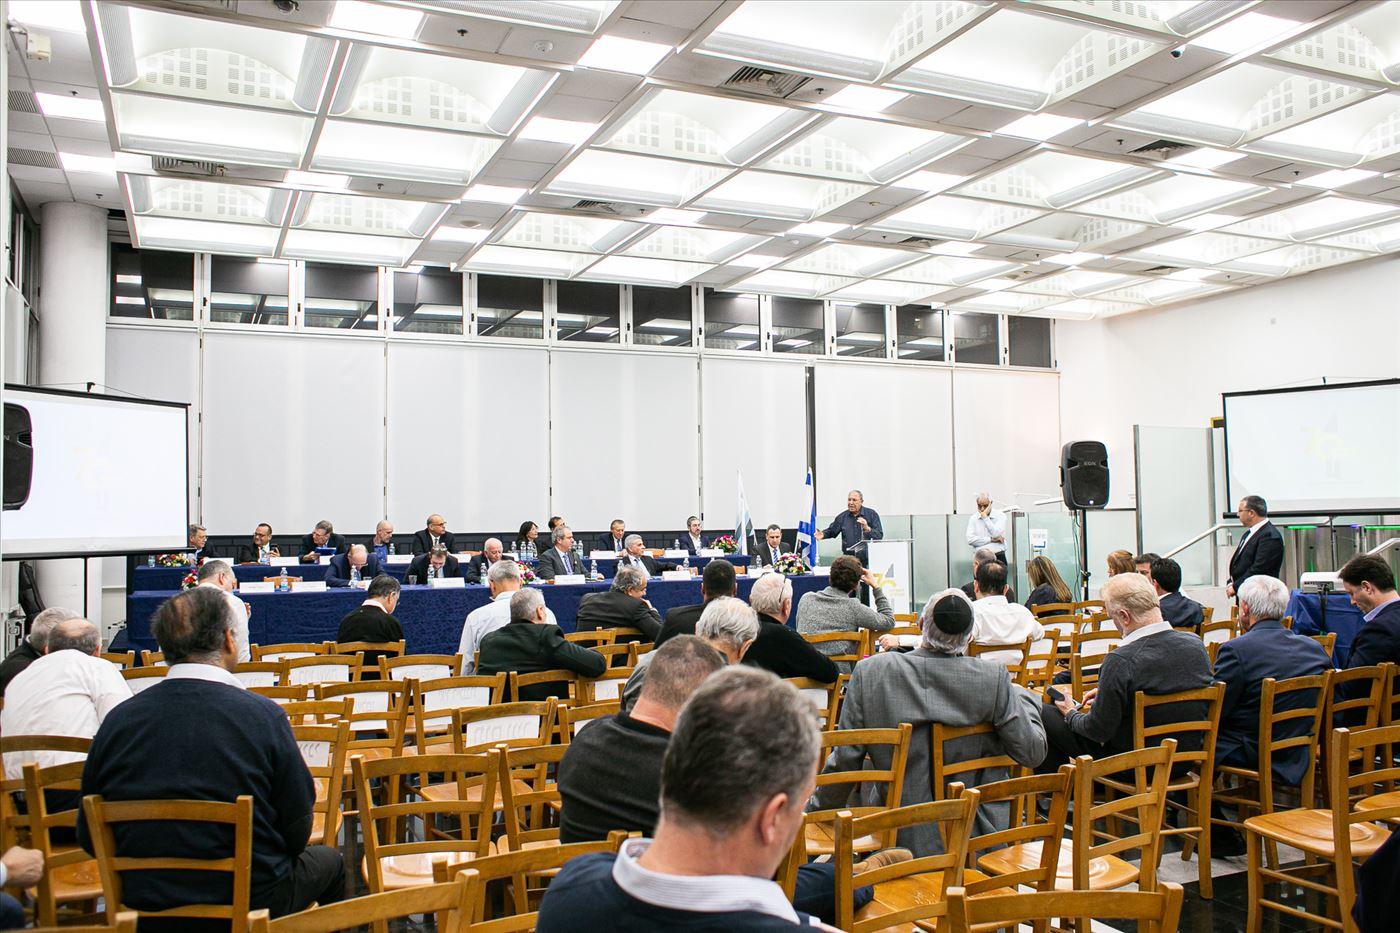 גלרייה - האסיפה הכללית ה-70 תמונה 236 מתוך 239